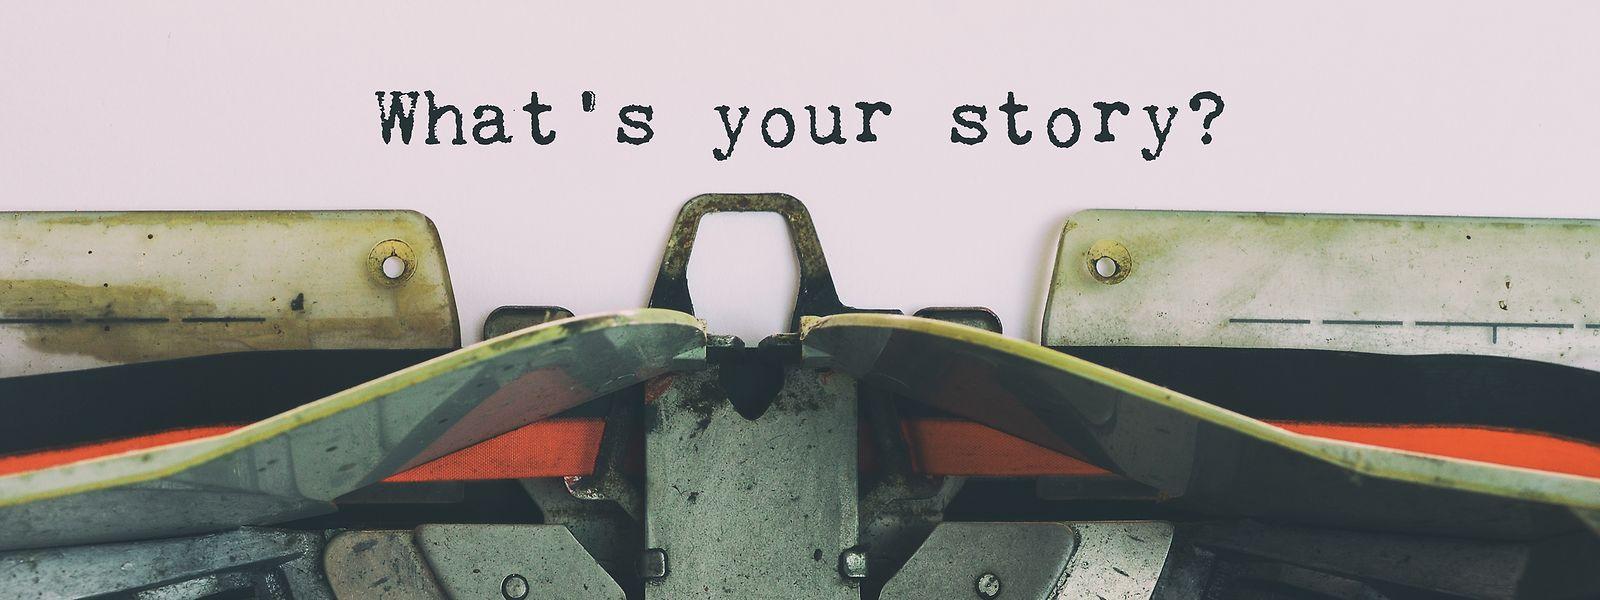 Beim Young Voices Contest, dem Jugendliteraturpreis für Werke in englischer Sprache, lag der Fokus in diesem Jahr auf Kurzgeschichten.